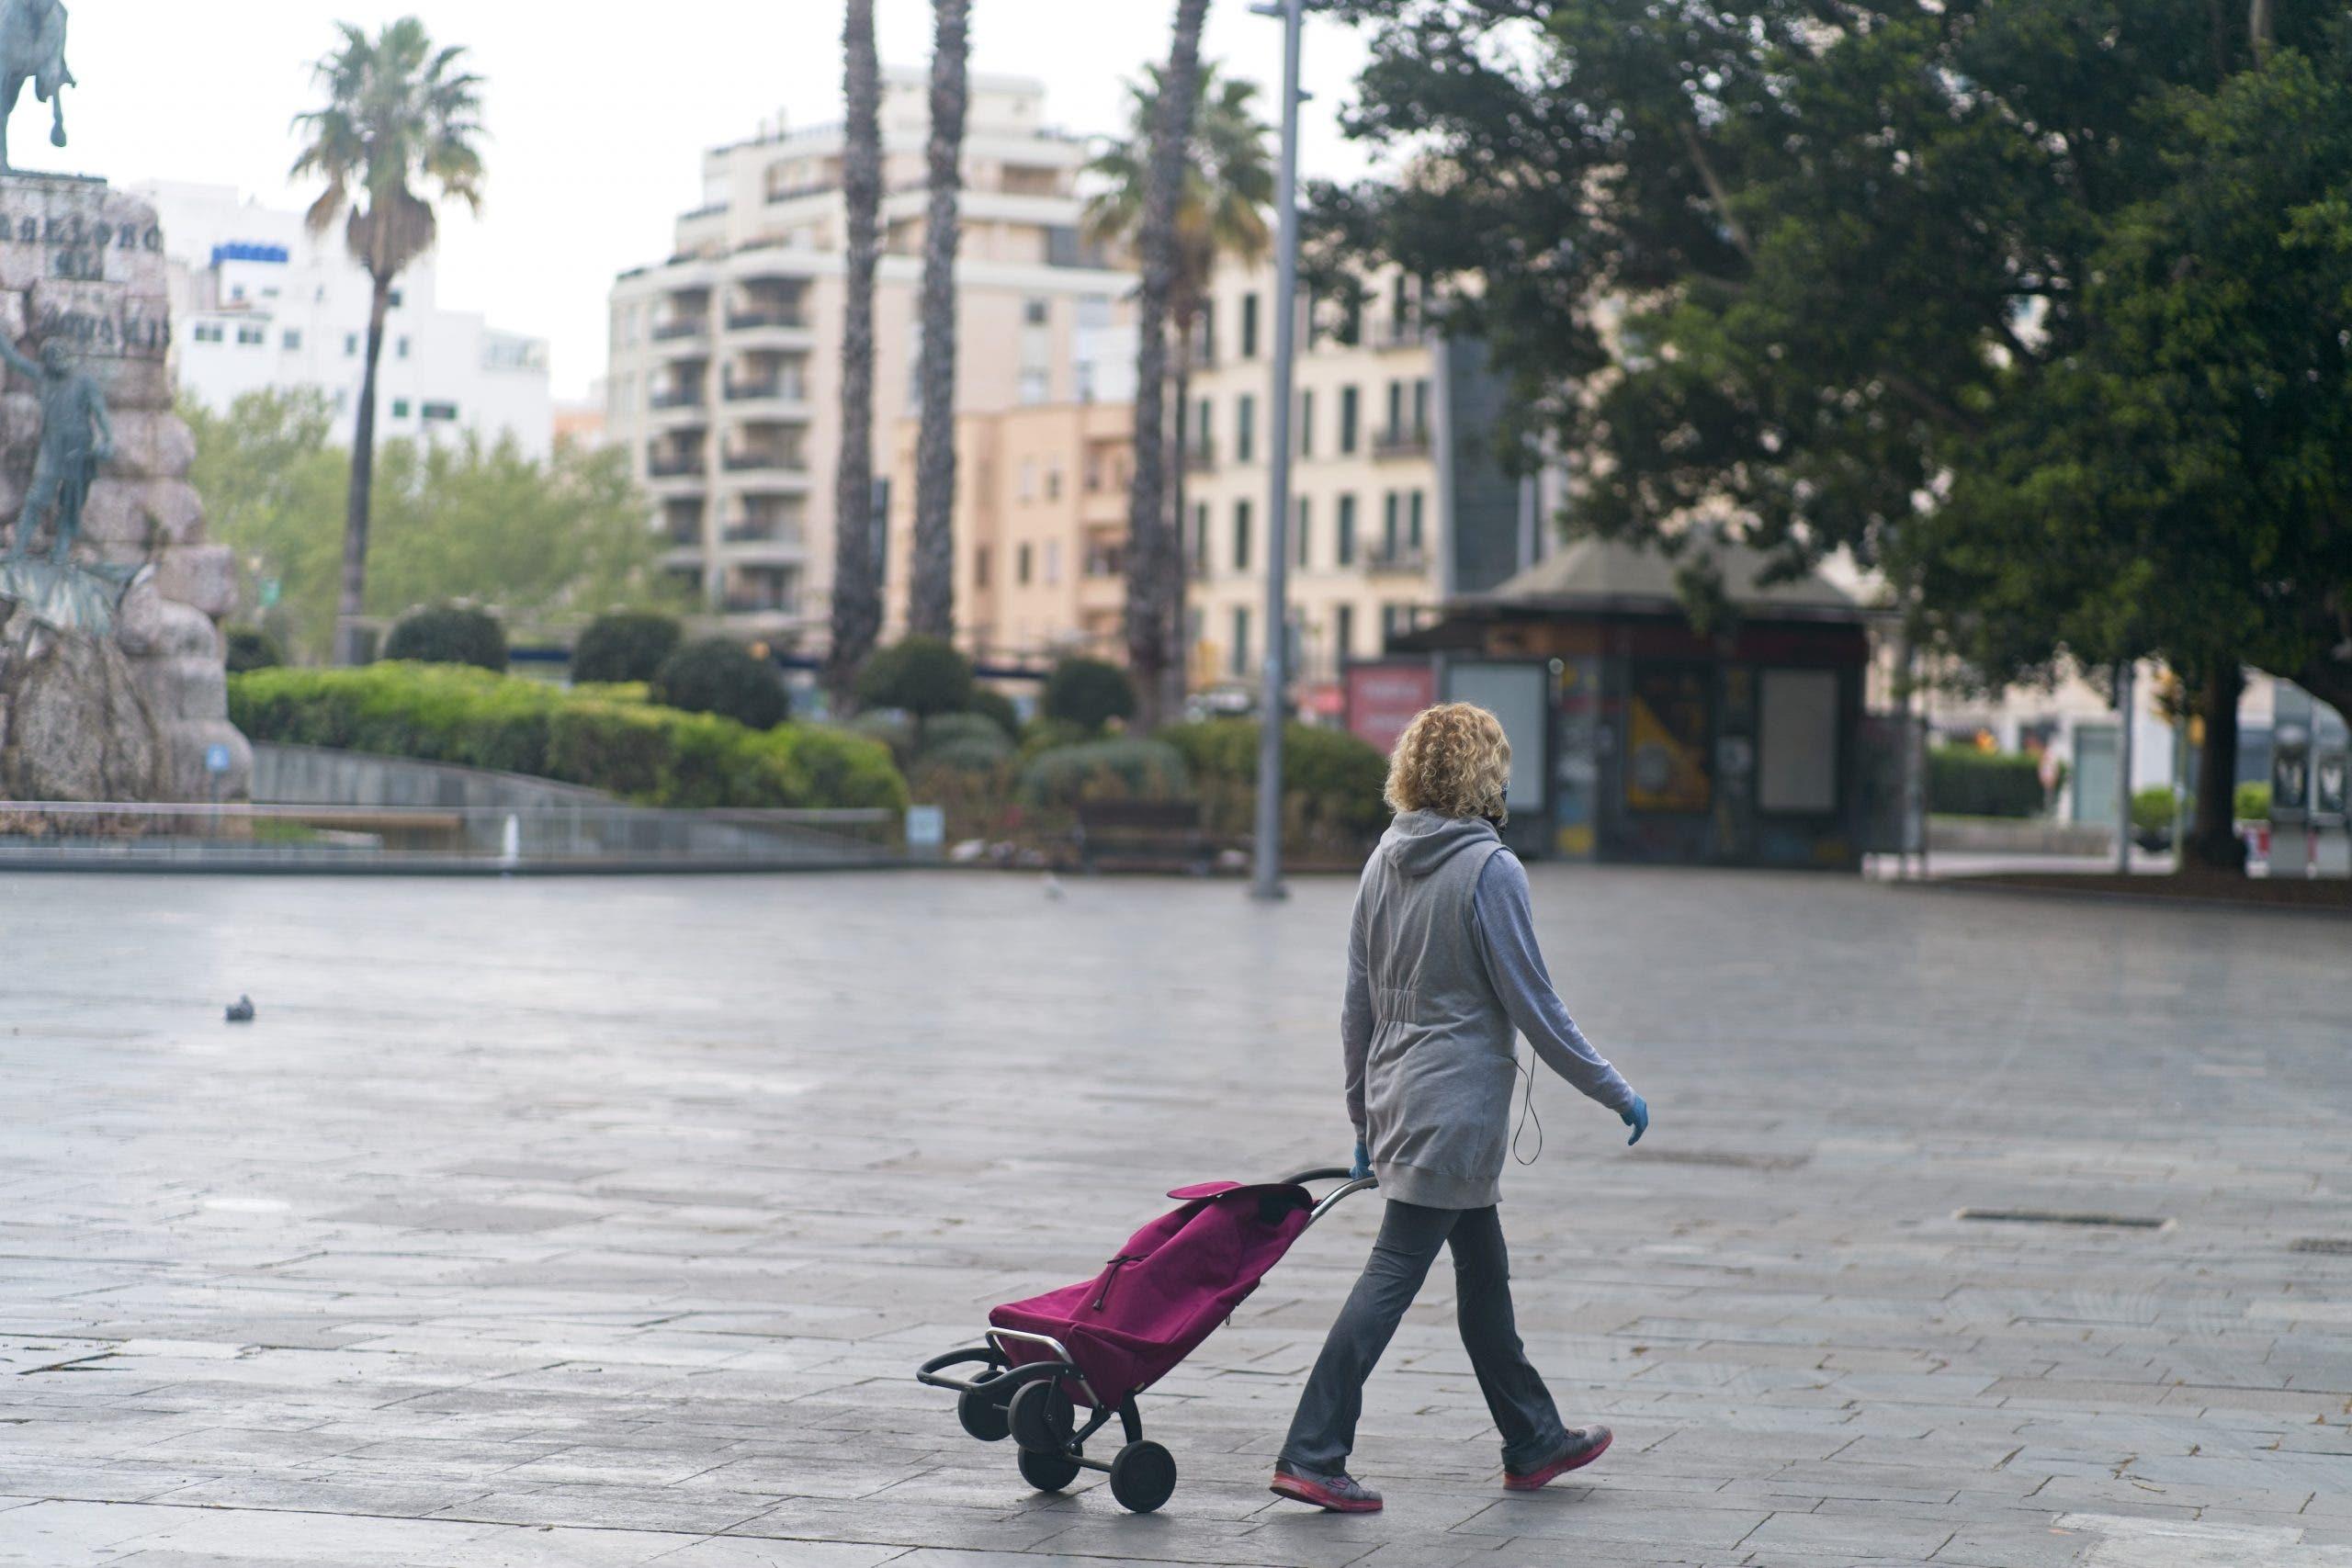 Placa Espanya Palma